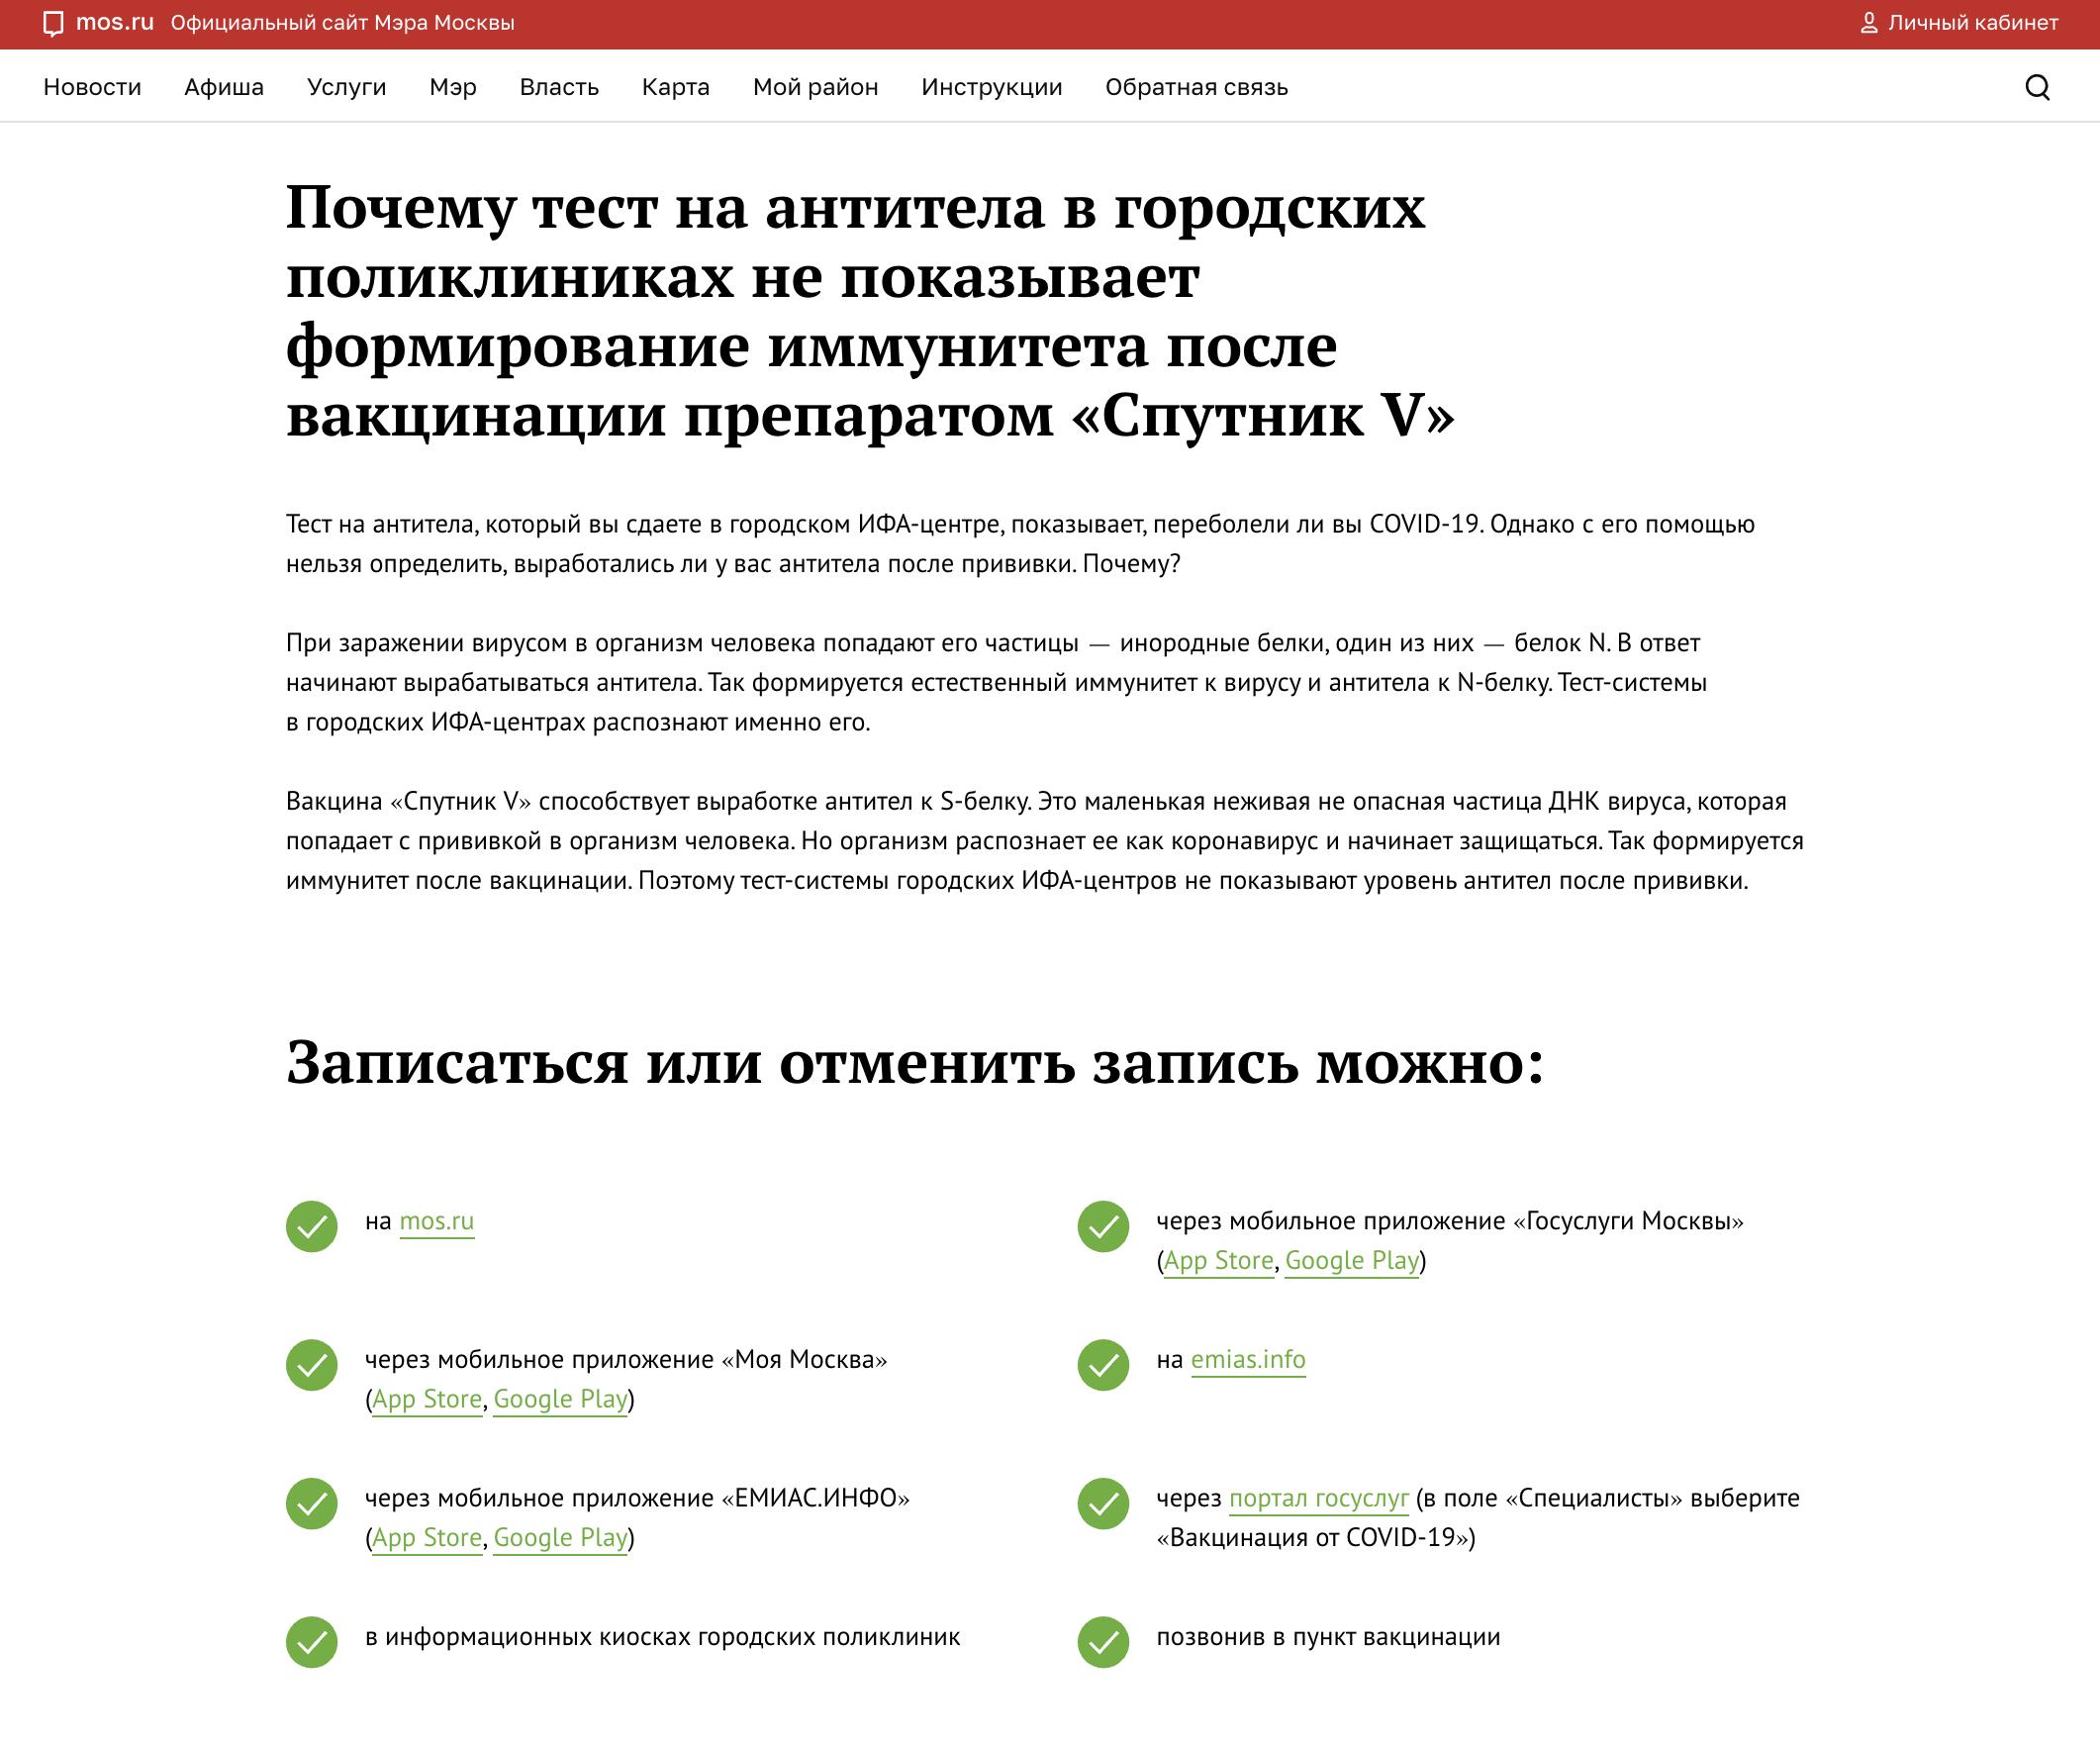 как в москве бесплатно вакцинироваться от коронавируса